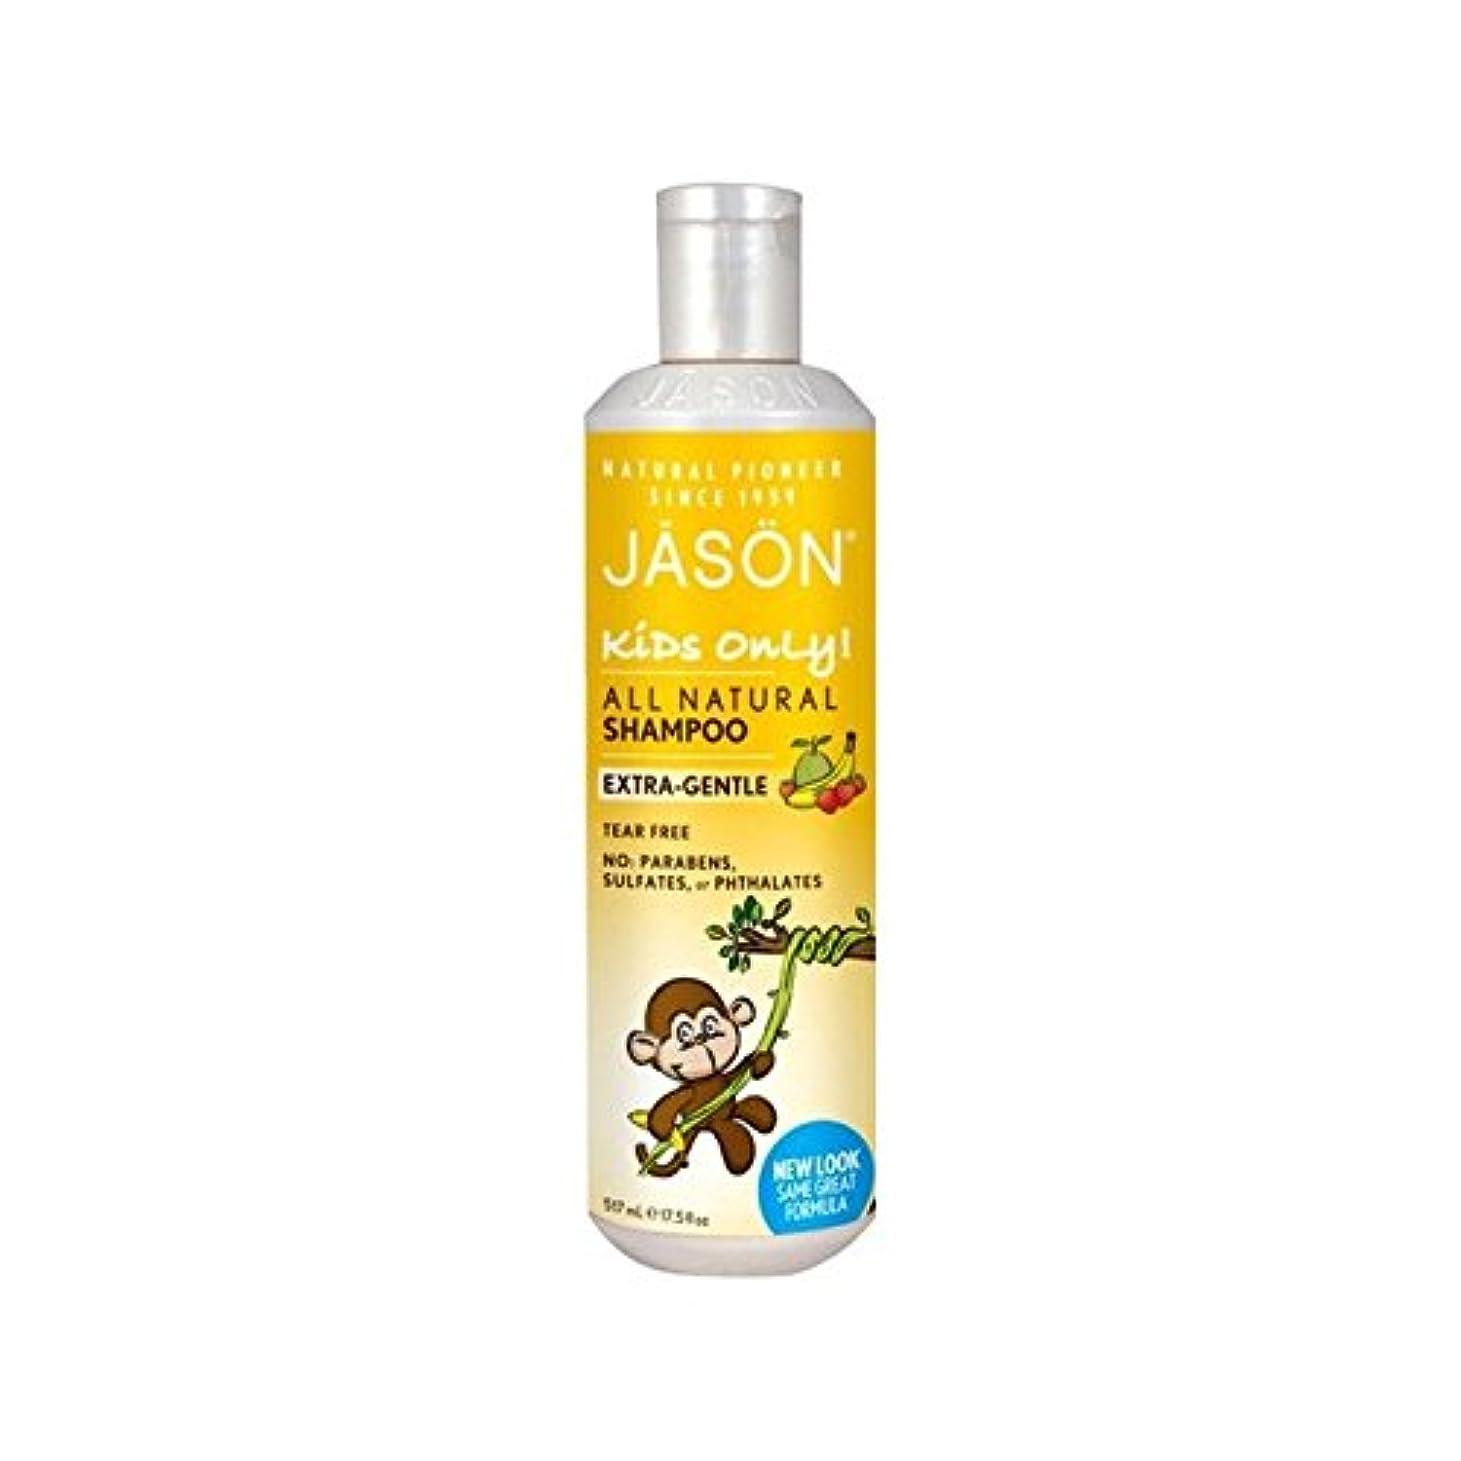 コンテンポラリースワップ出身地ジェイソンの子供だけ!余分な優しいシャンプー(517ミリリットル) x2 - Jason Kids Only! Extra Gentle Shampoo (517ml) (Pack of 2) [並行輸入品]